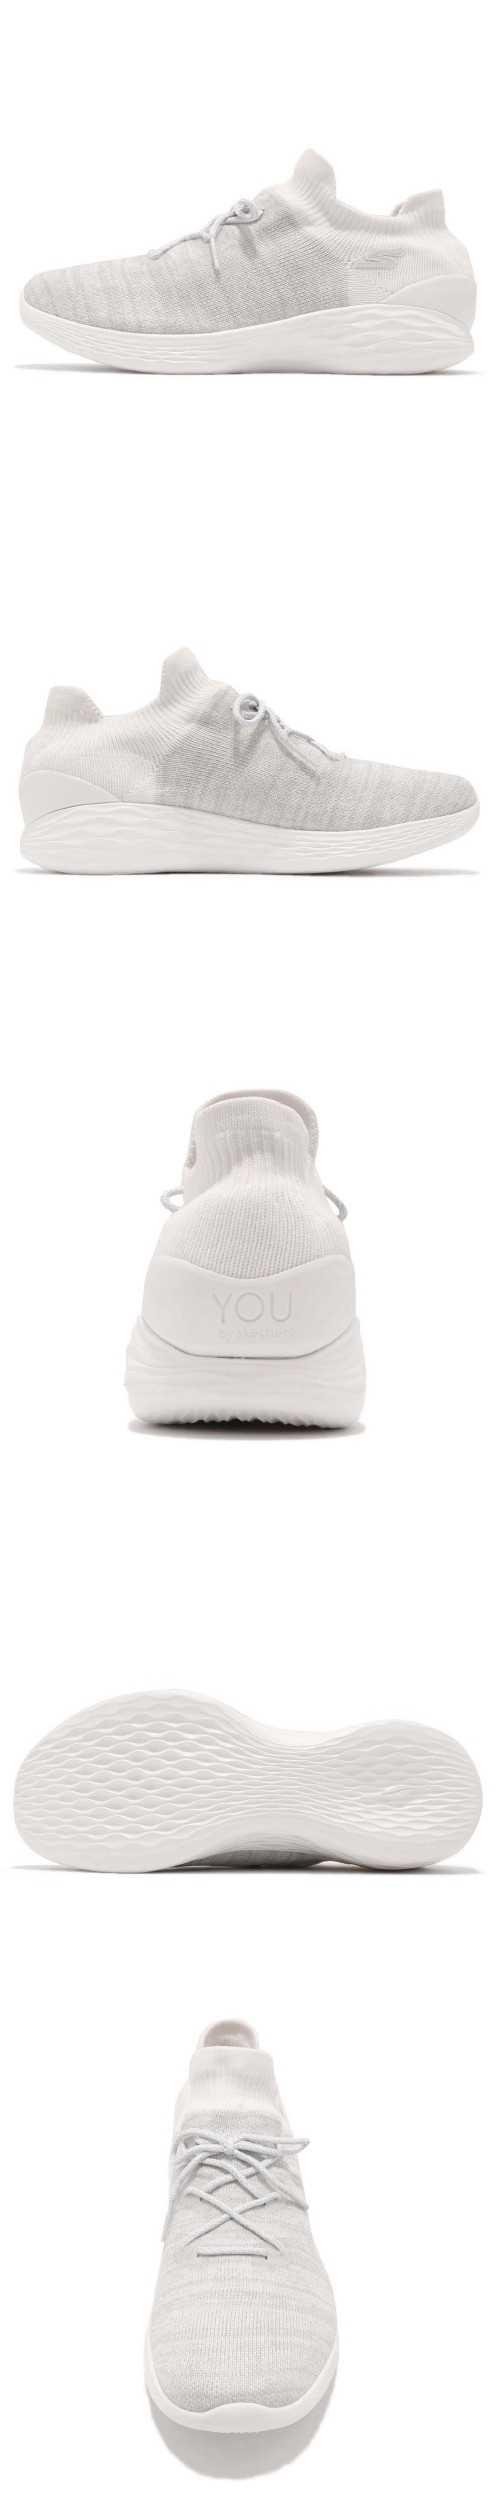 Skechers 休閒鞋 You-Unique 運動 女鞋